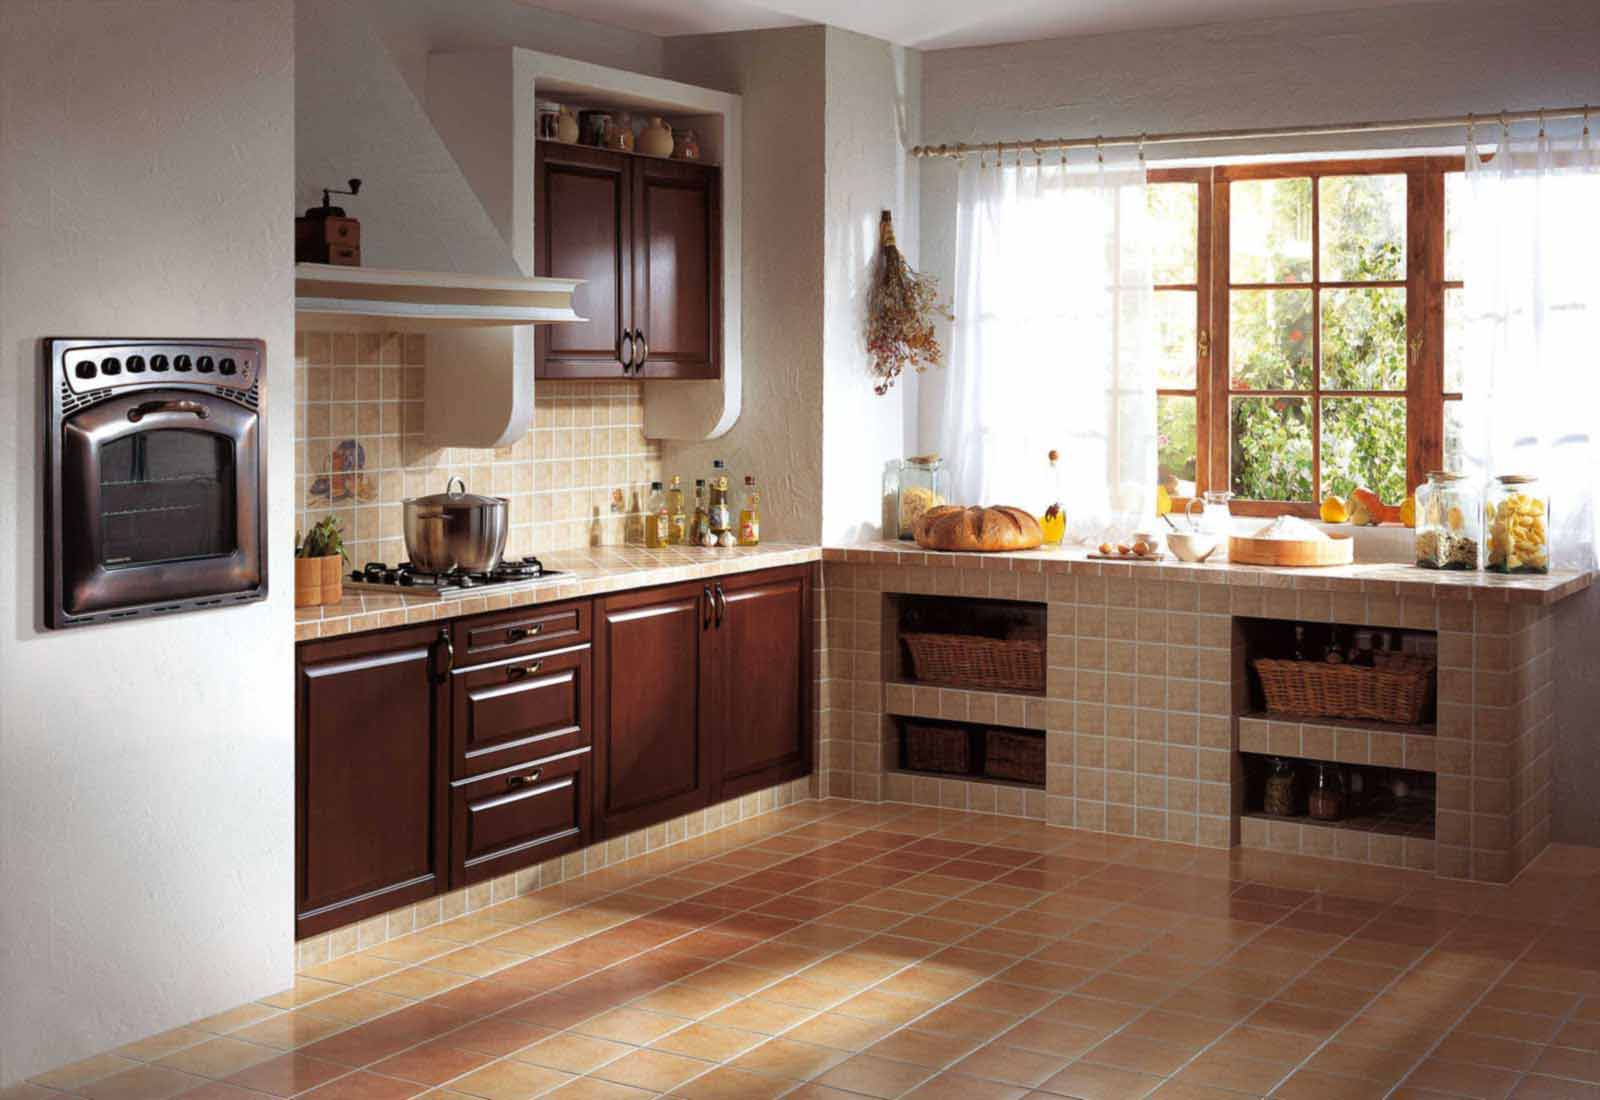 Czerwone meble kuchenne  aranżacje  Kuchnie Pinio  Blog